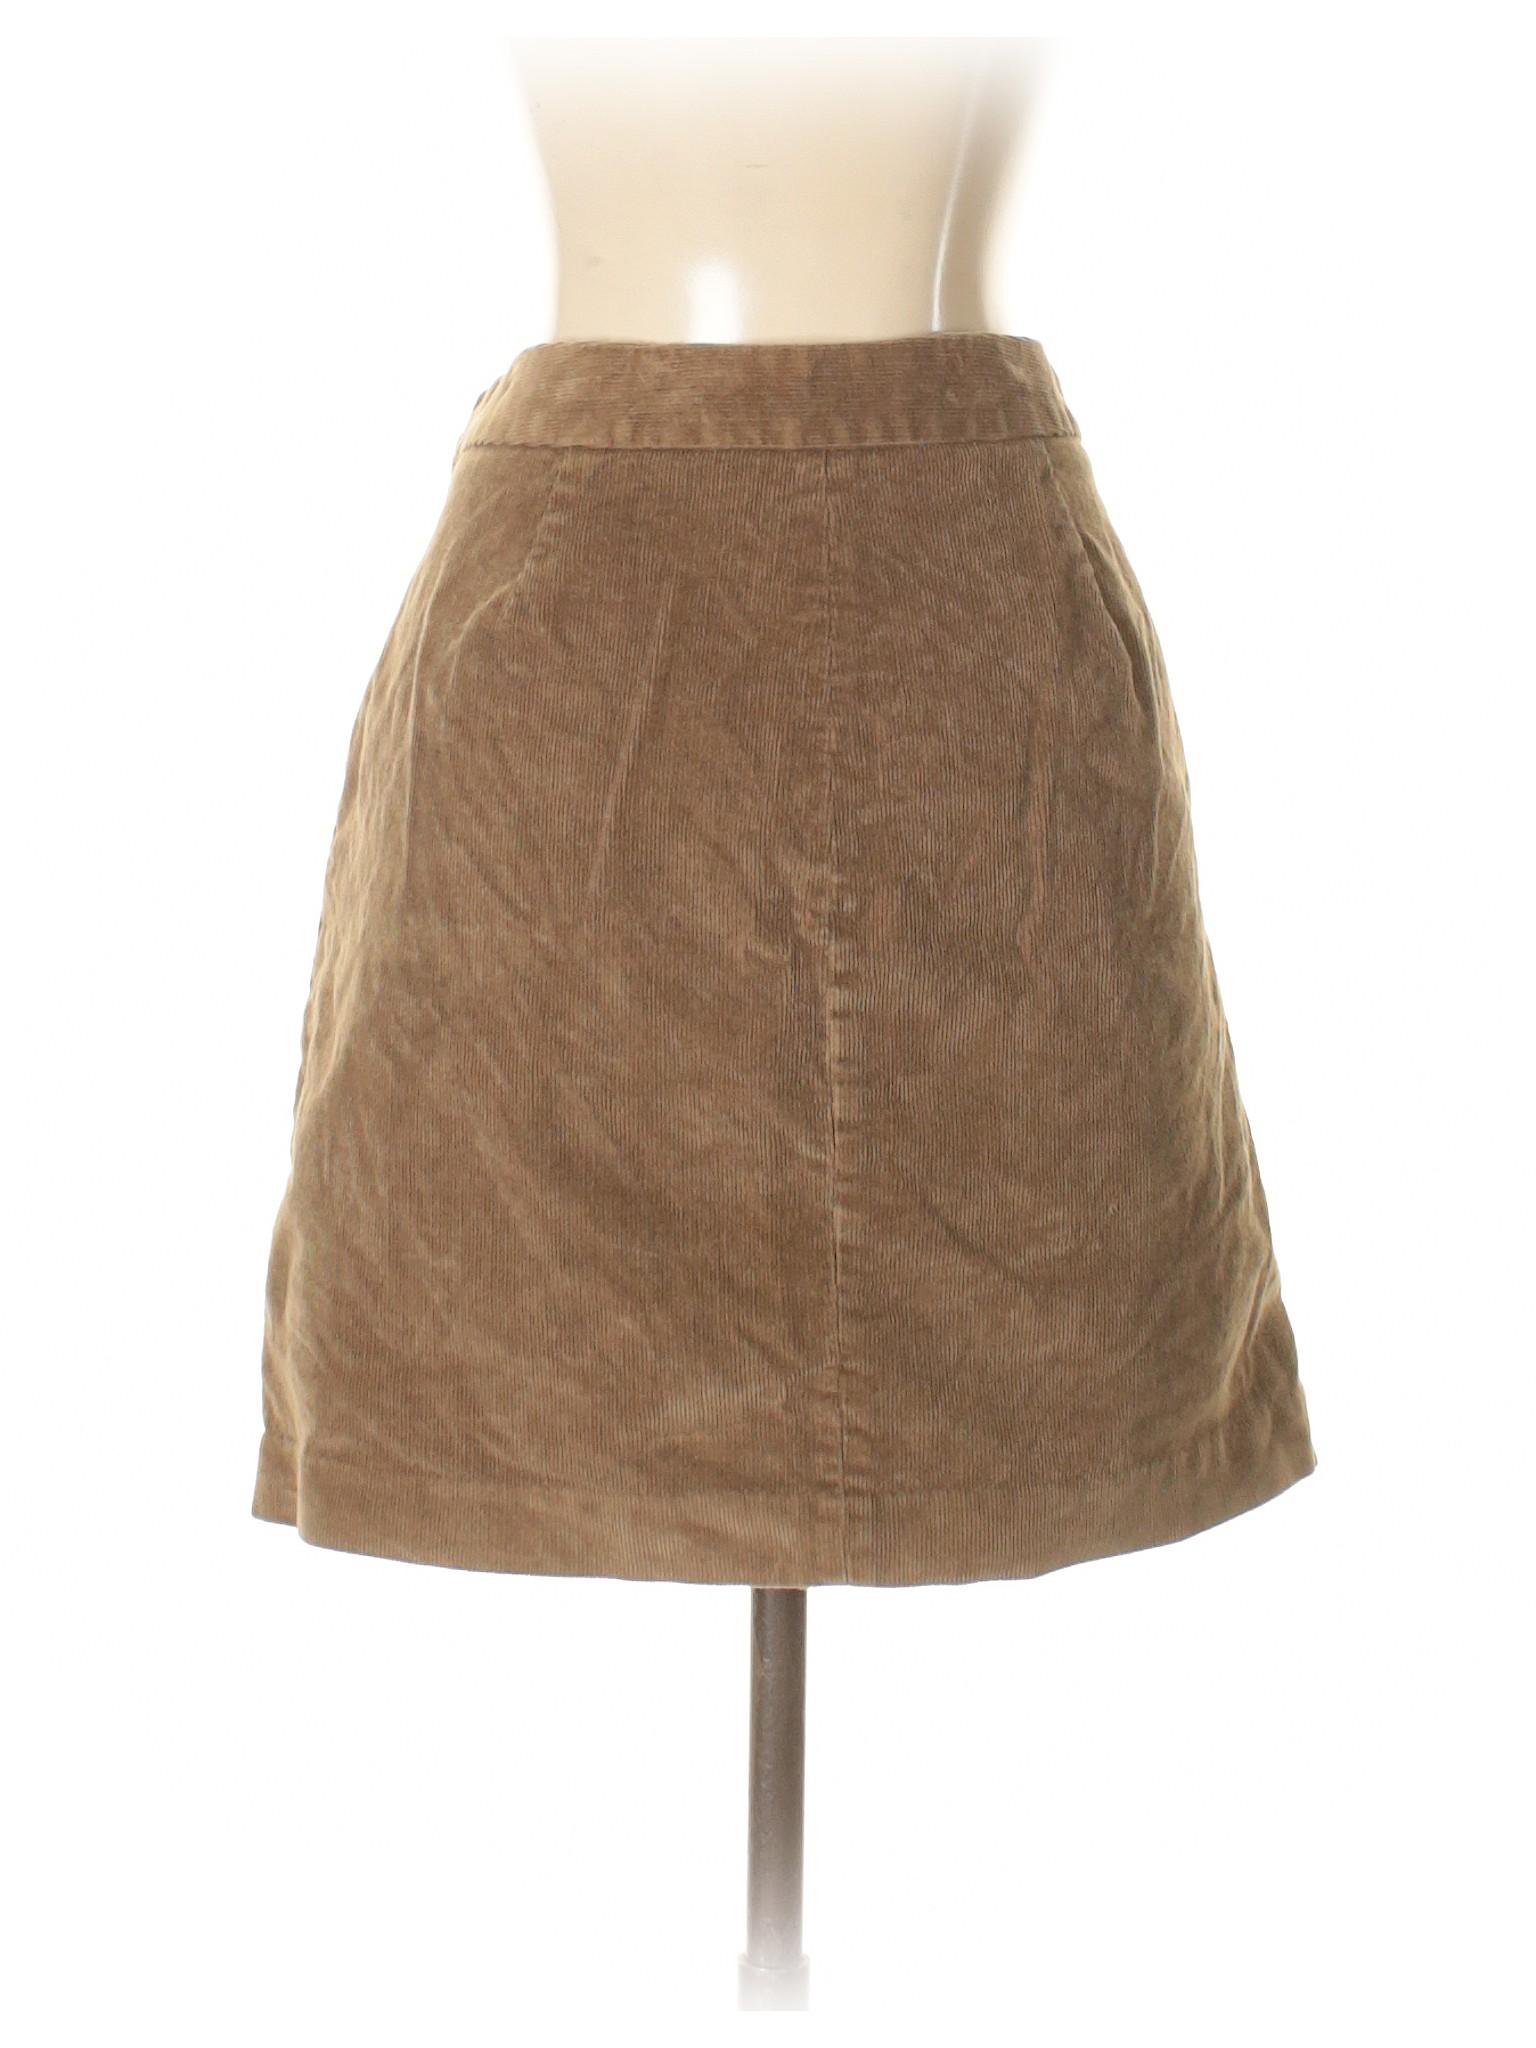 Casual Boutique Skirt Skirt Boutique Skirt Boutique Boutique Casual Boutique Casual Casual Casual Skirt 5f0fwq